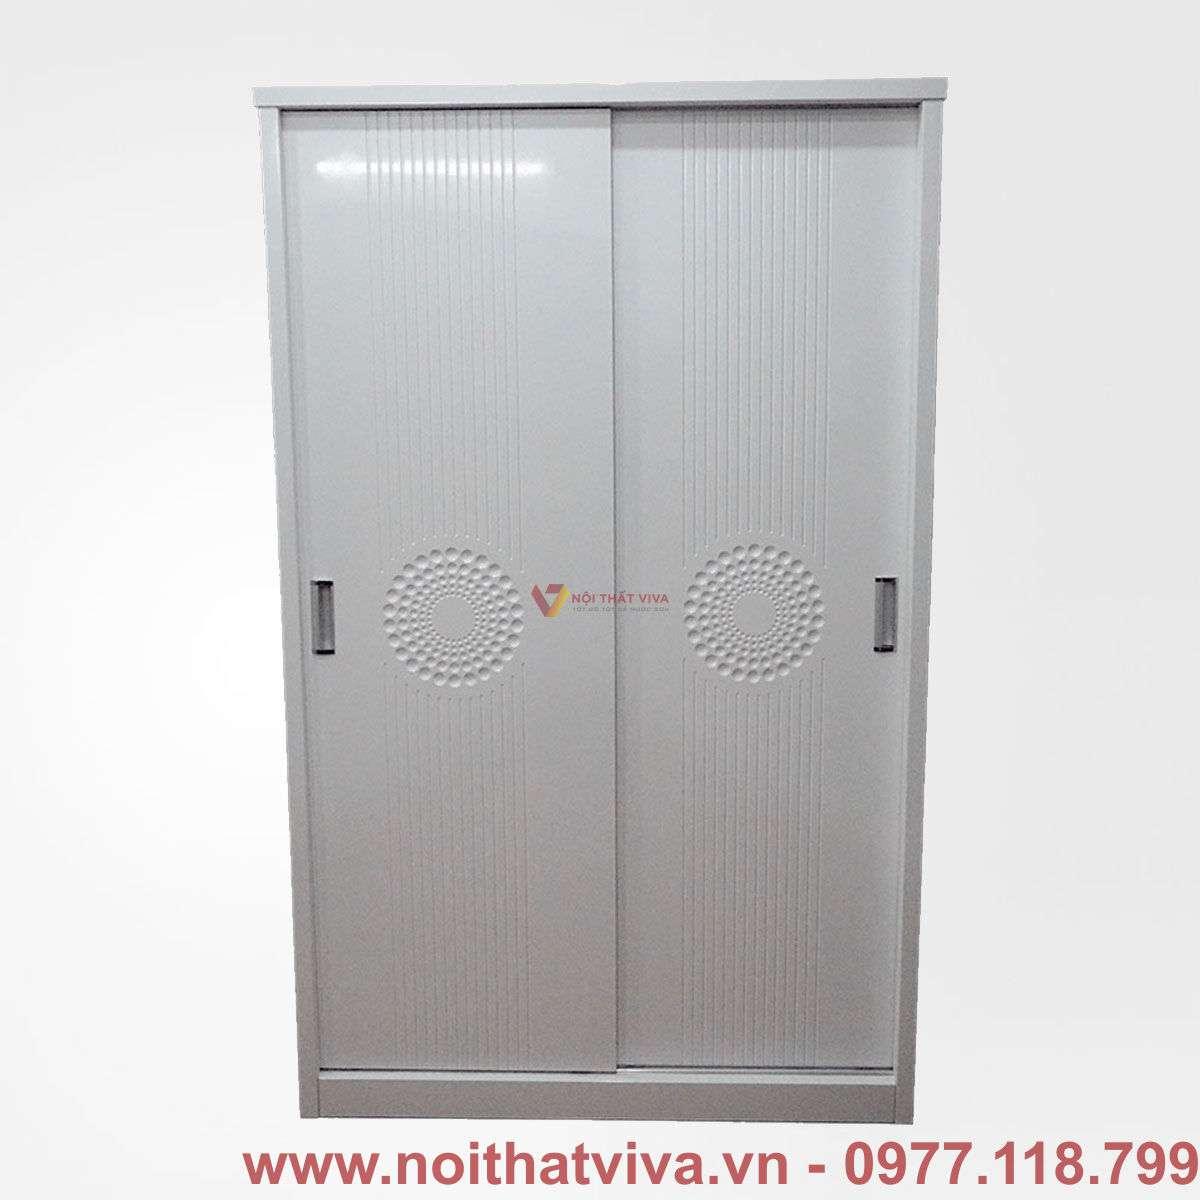 Tủ áo mdf cửa lùa màu trắng hiện đại